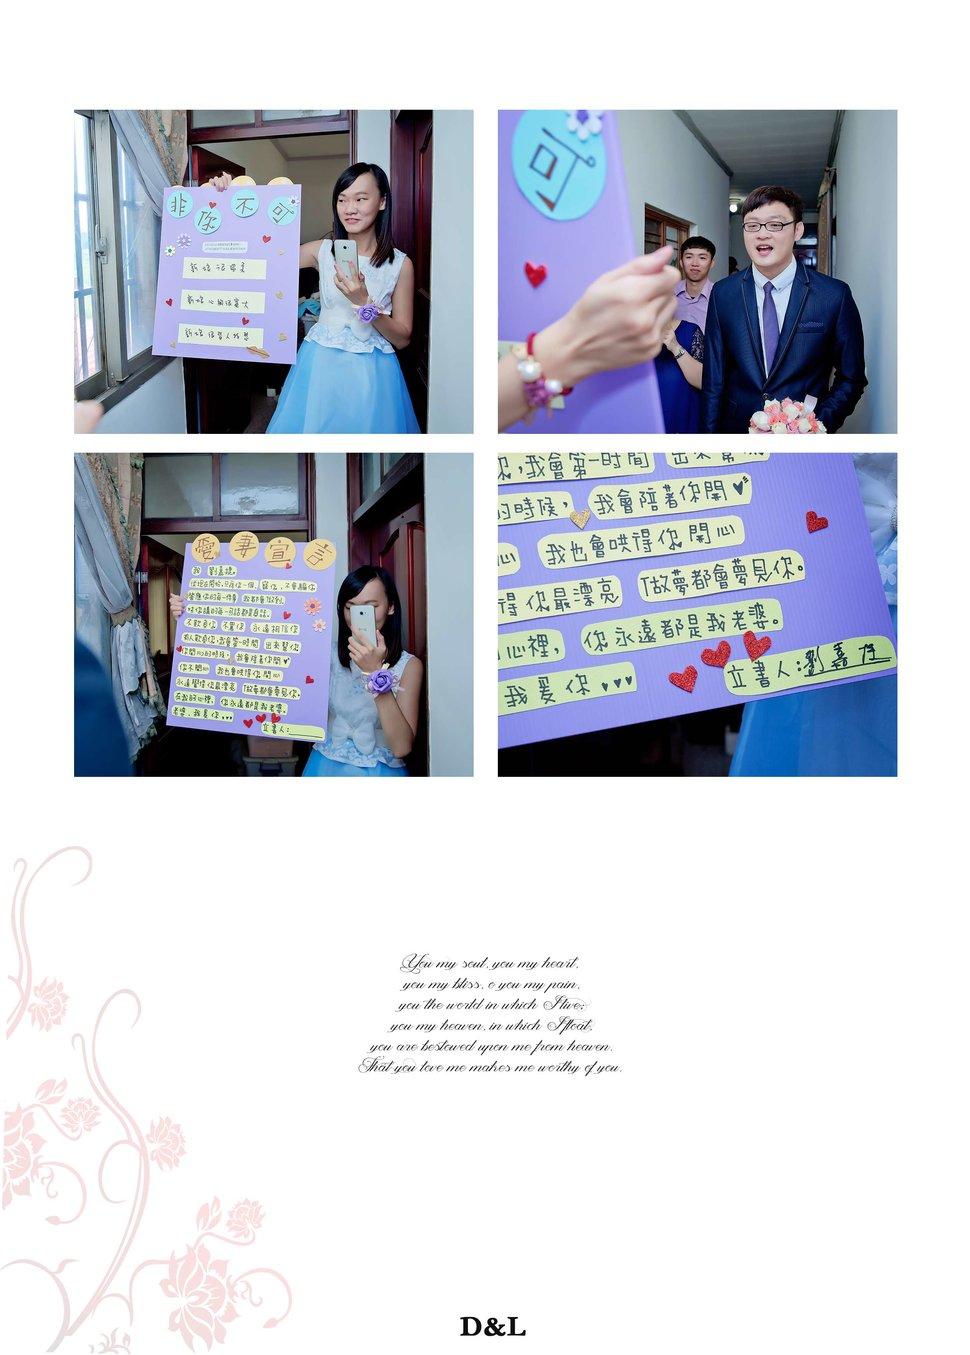 台中婚攝 婚禮紀錄 訂結晚宴 臻愛婚宴會館豐原-平面攝影(編號:300039) - D&L 婚禮事務-婚紗攝影/婚禮攝影 - 結婚吧